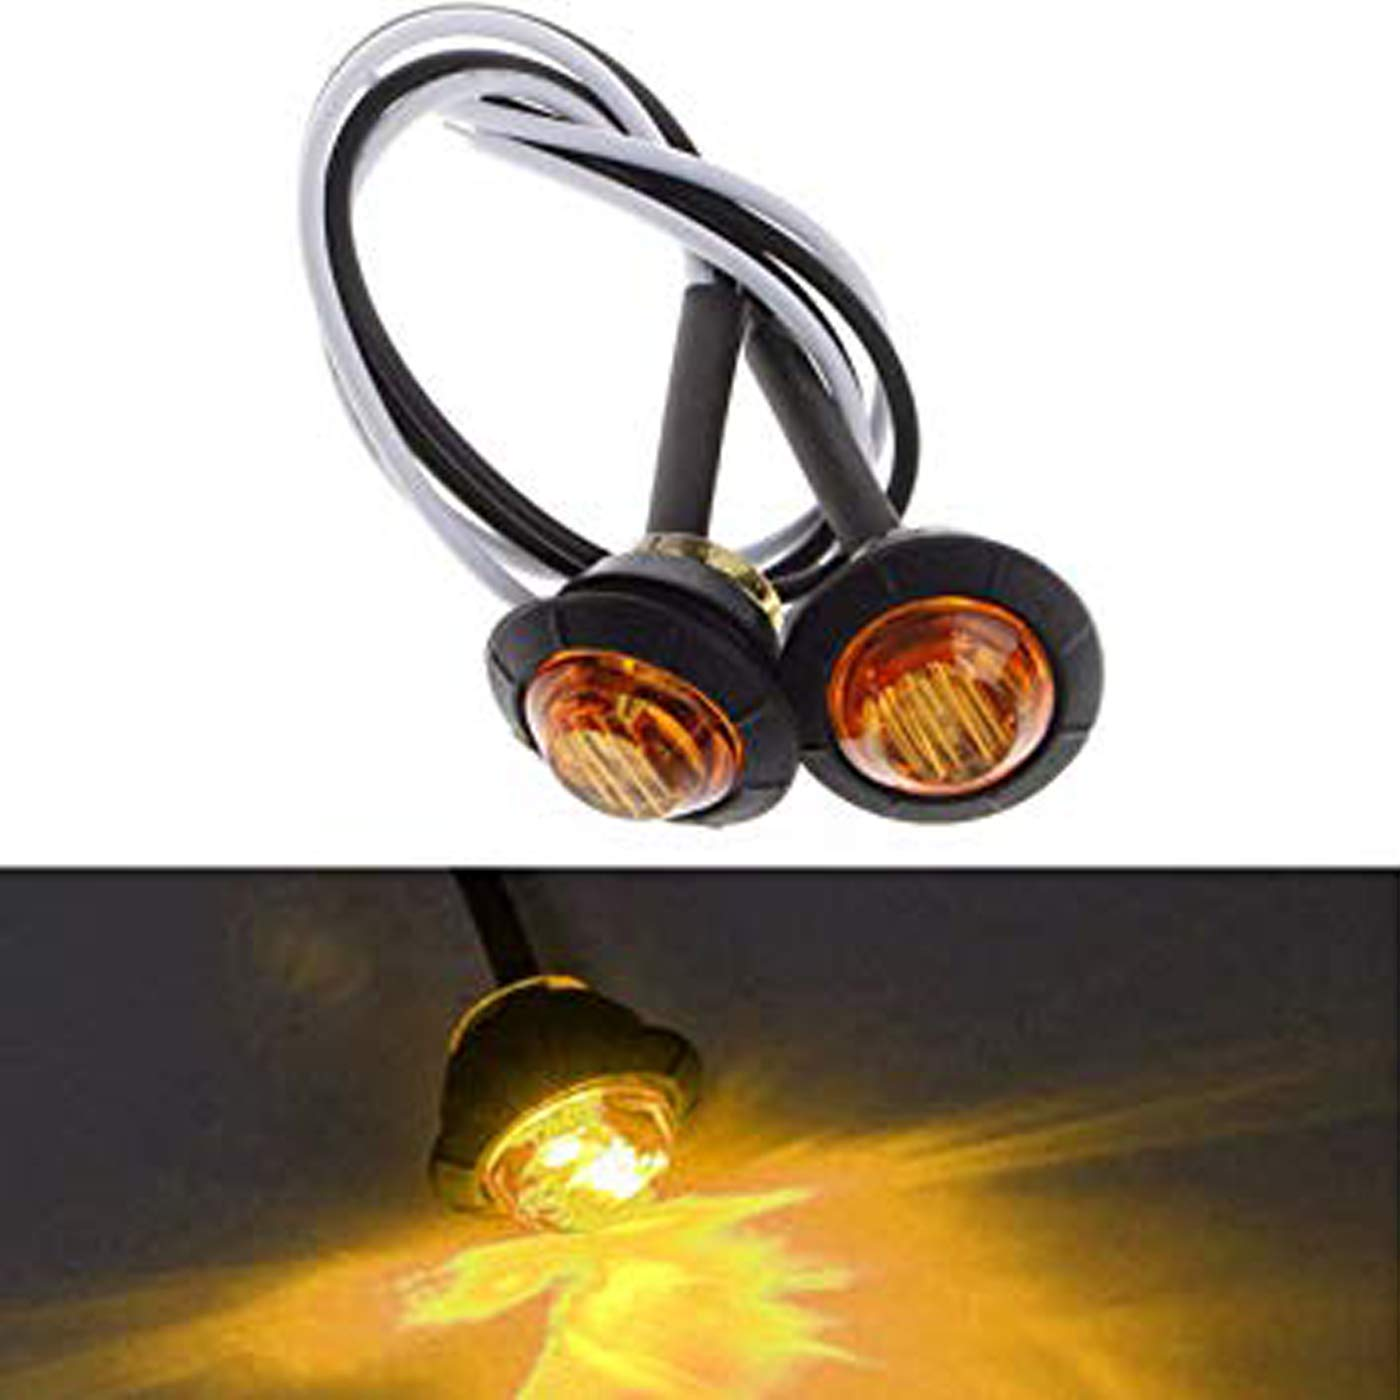 5 Gelb 5 Wei/ße Runde LED Vorne Hinten Seitenmarkierungsanzeigen Licht Wasserdicht Bullet Clearance Markierungslicht 12 V f/ür Auto LKW MuChangZi 15 ST/ÜCKE 5 Rot